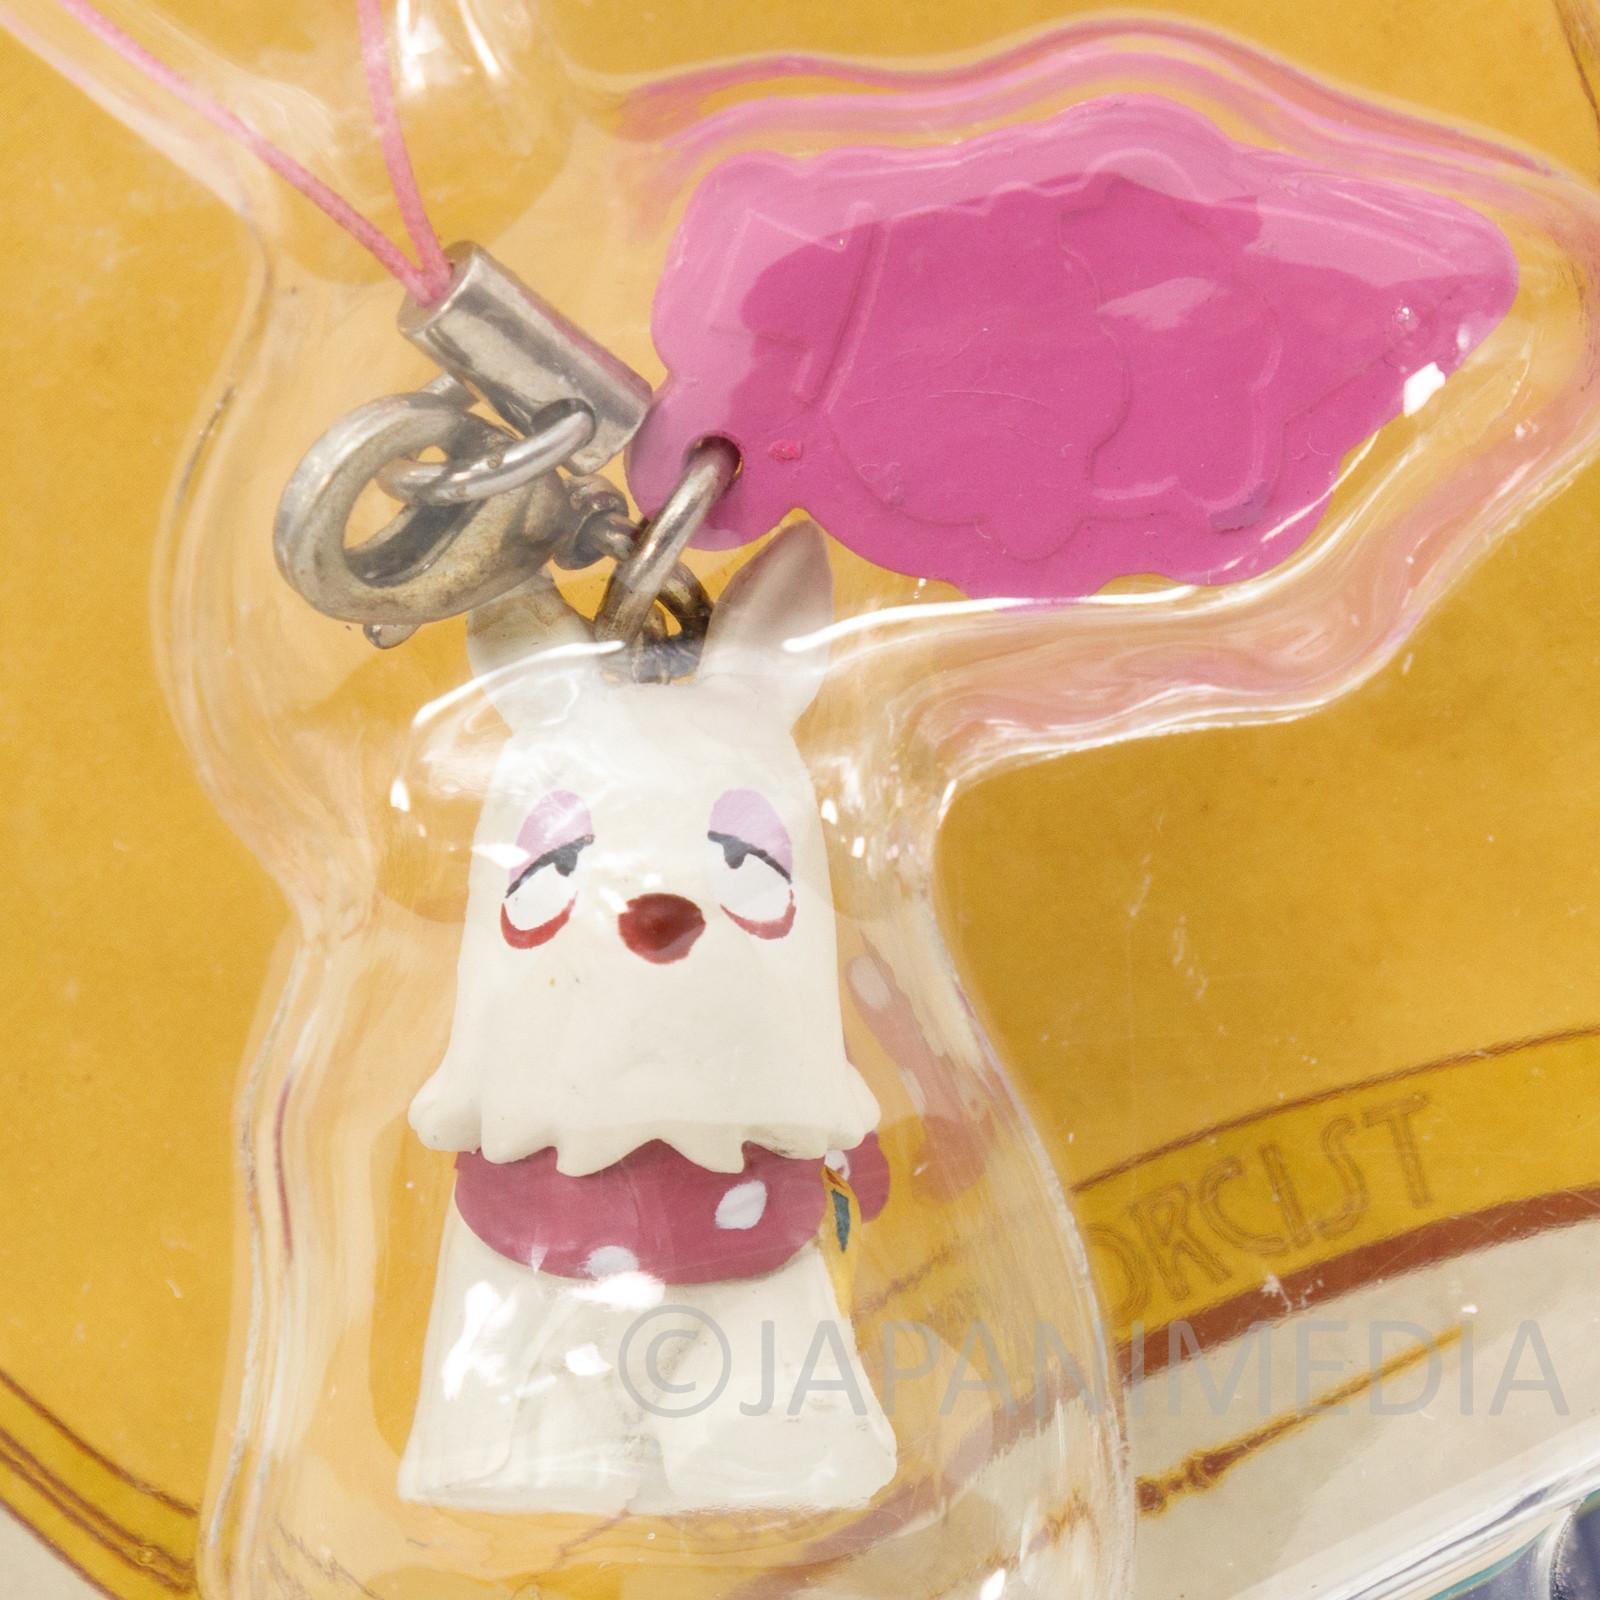 Blue Exorcist Mephisto Dog Mascot Figure Strap Banpresto JAPAN ANIME MANGA